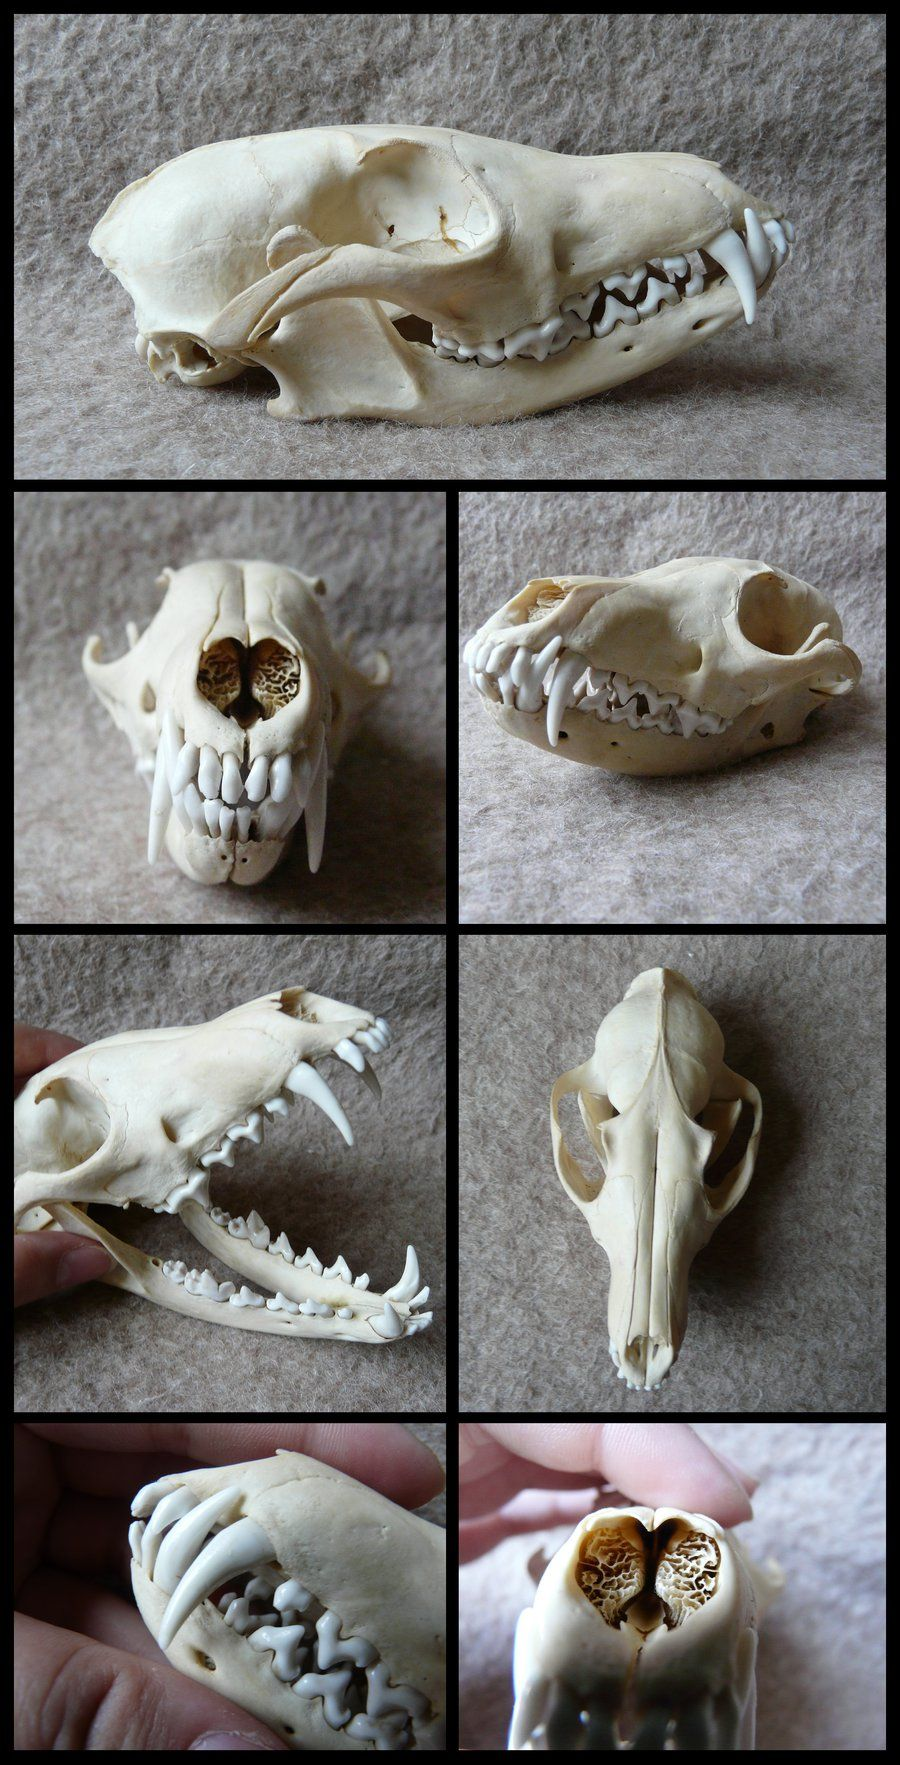 Red Fox Skull By Cabinetcuriositiesiantart On Deviantart